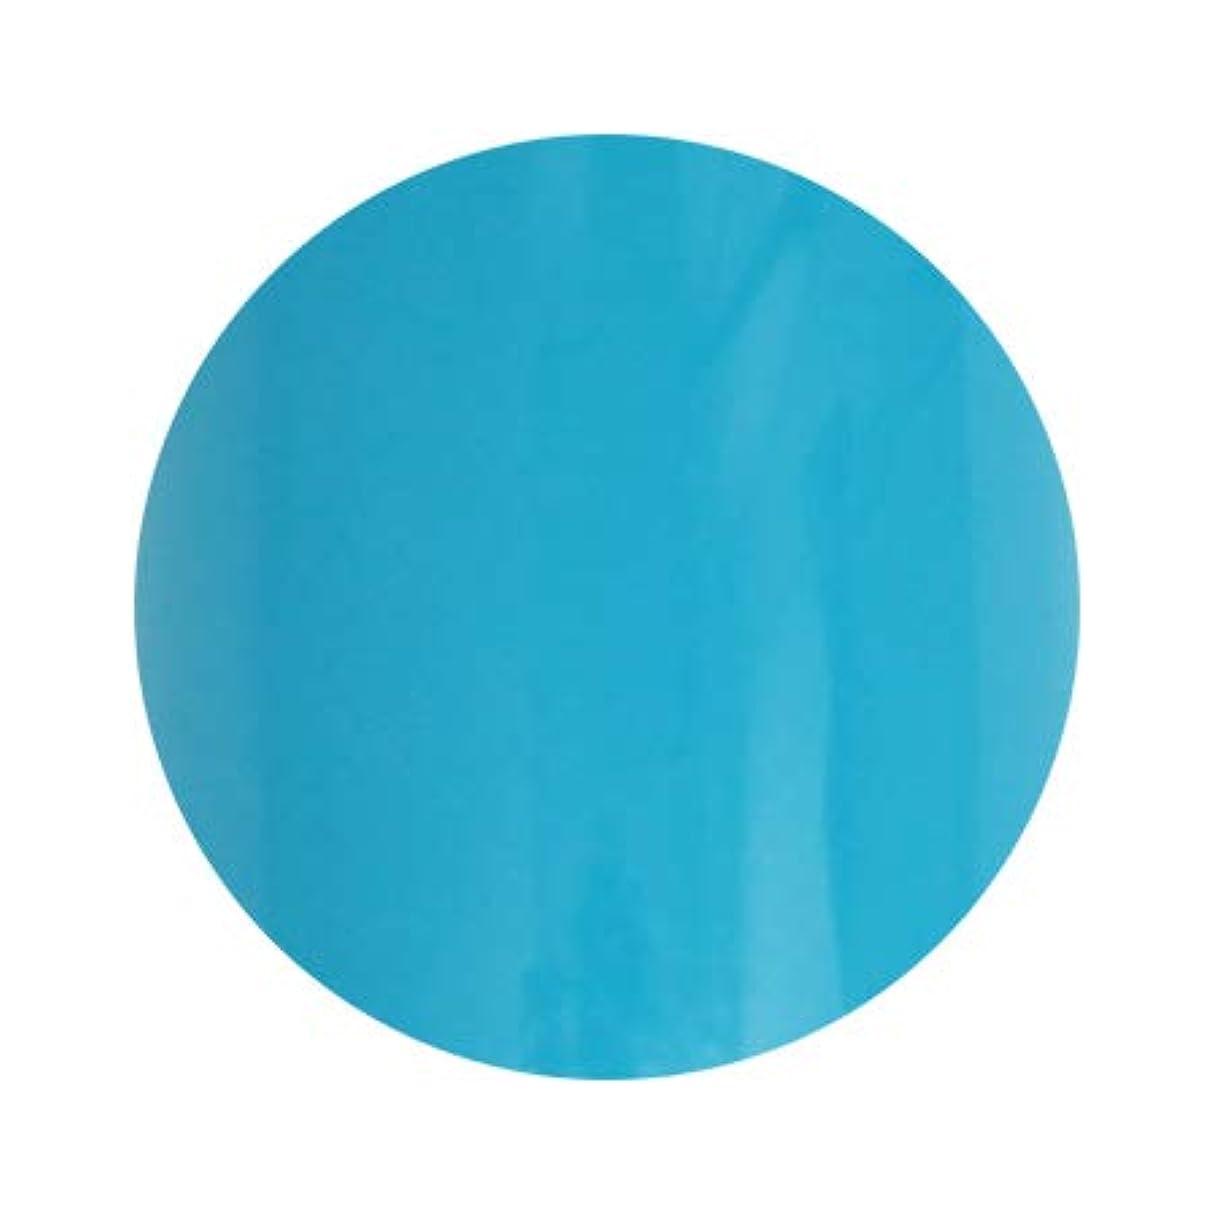 証明書葡萄適応的LUCU GEL ルクジェル カラー BLM14 ネイティブブルー 3.5g